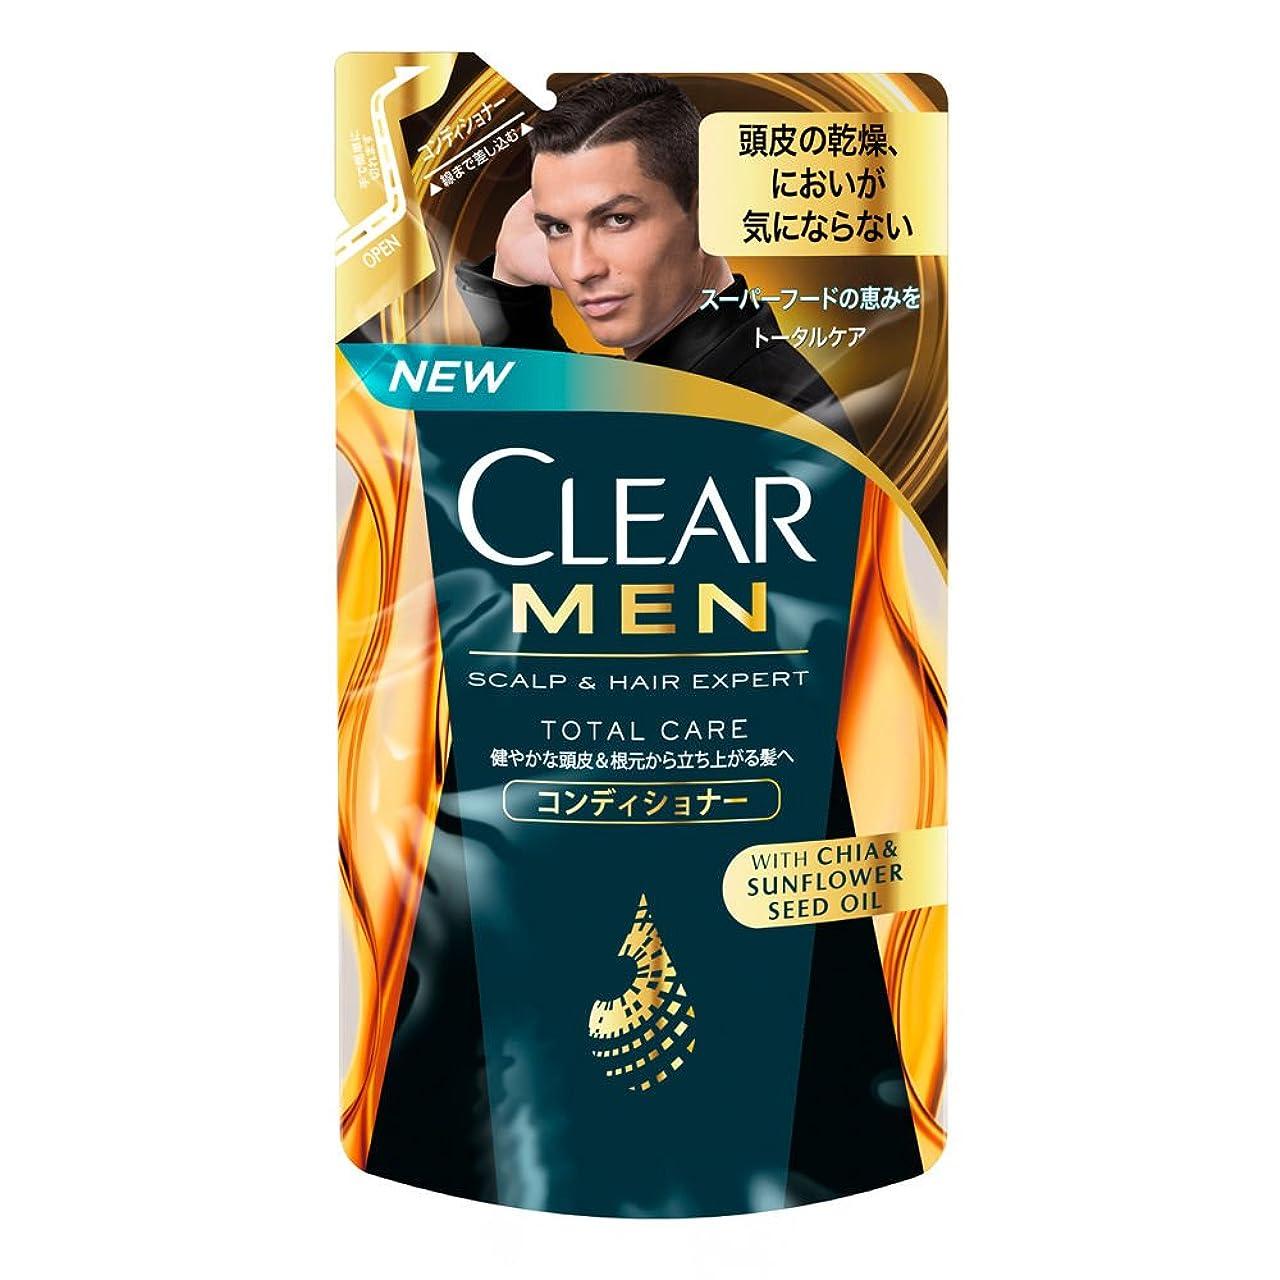 補う大胆な知るクリア フォーメン トータルケア 男性用コンディショナー つめかえ用 (健やかな頭皮へ) 280g